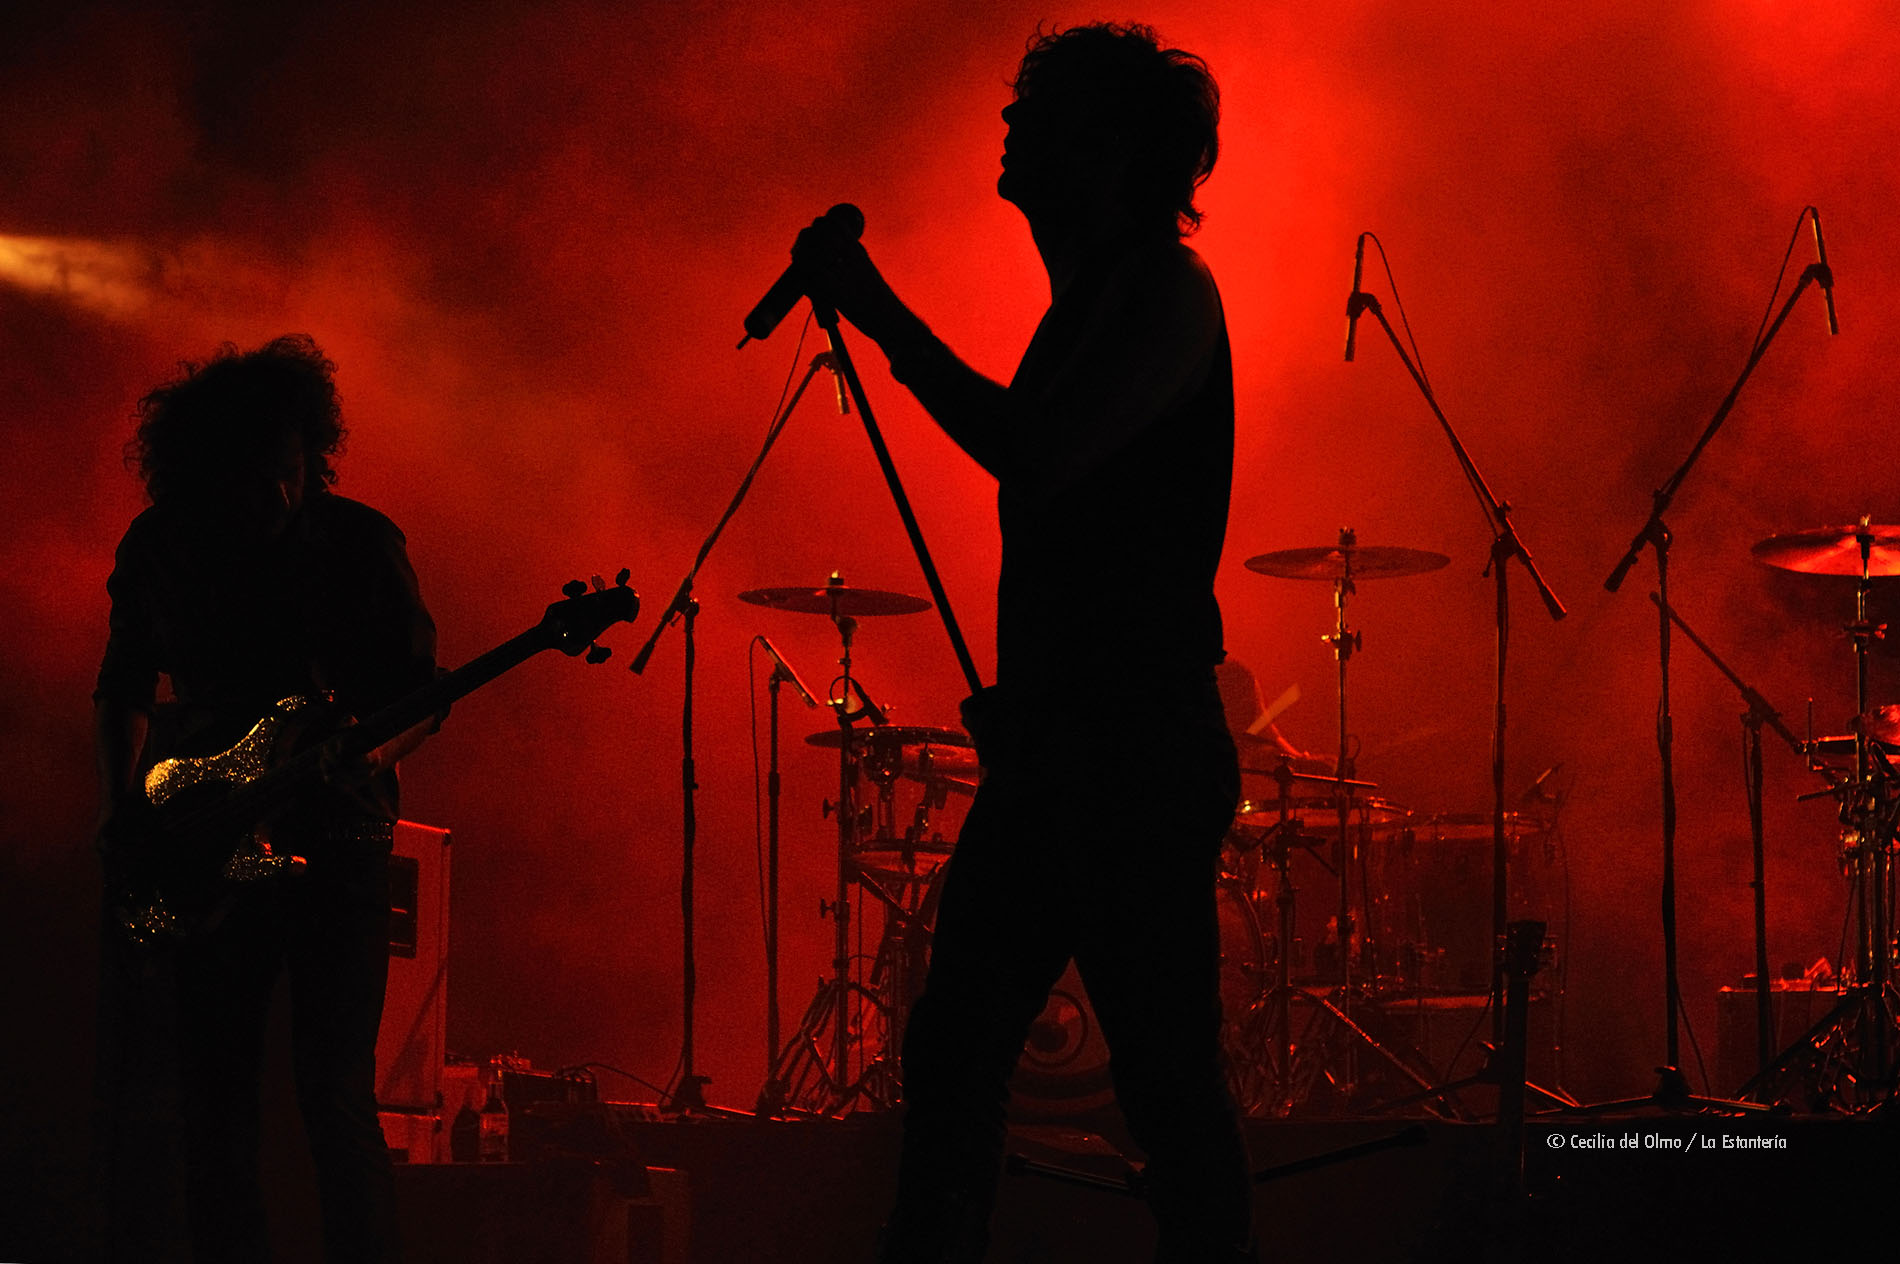 fotografía foto conciertos musical musica forum mundo imperial acapulco mexico la estanteria cecilia del olmo fobia